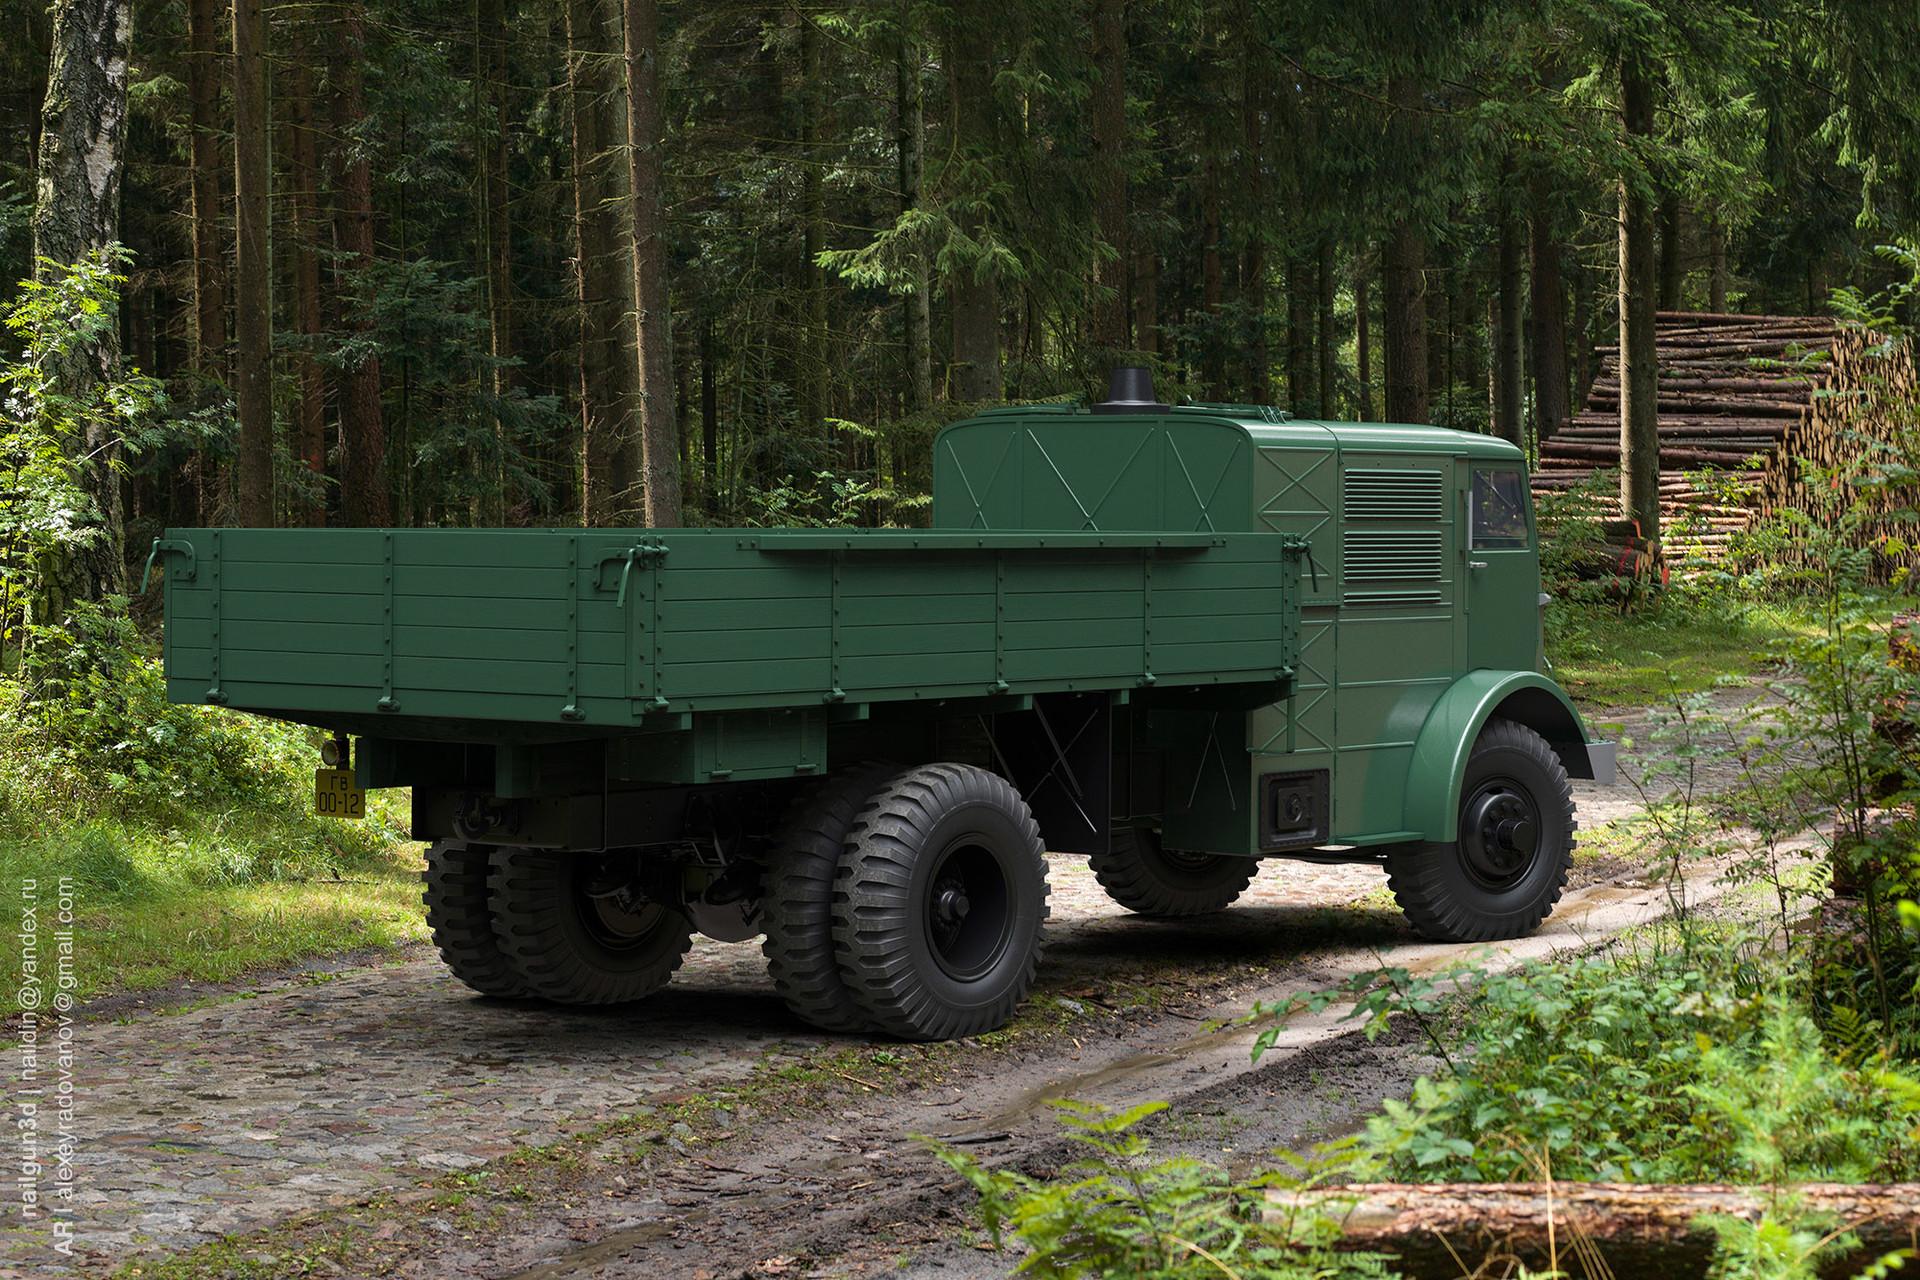 Nail khusnutdinov alg 020 010 nami 012 rear view 3x